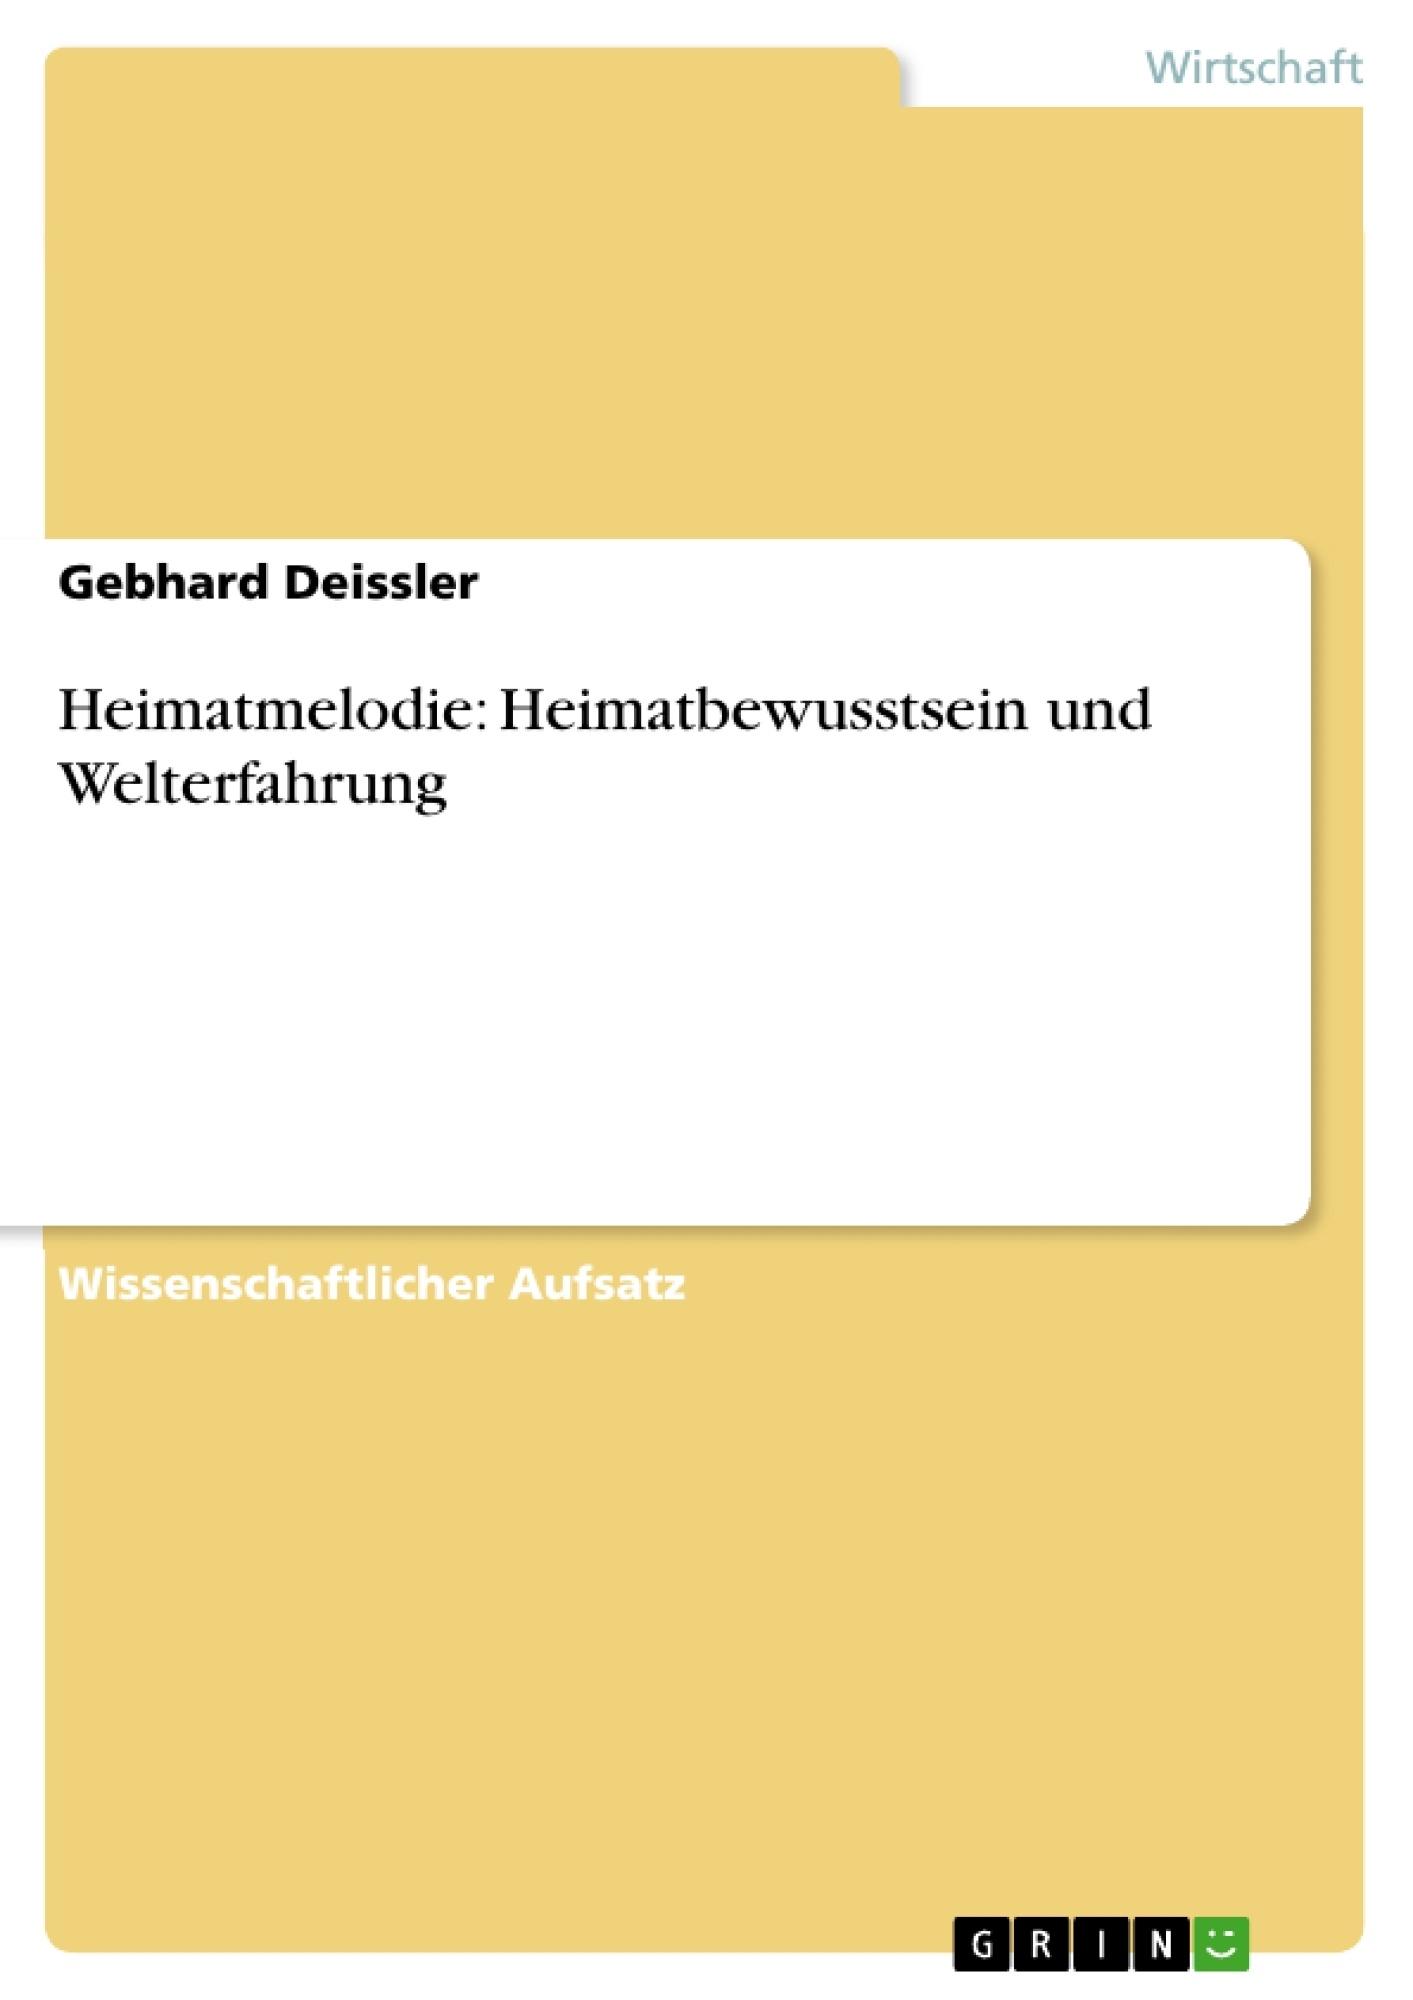 Titel: Heimatmelodie: Heimatbewusstsein und Welterfahrung